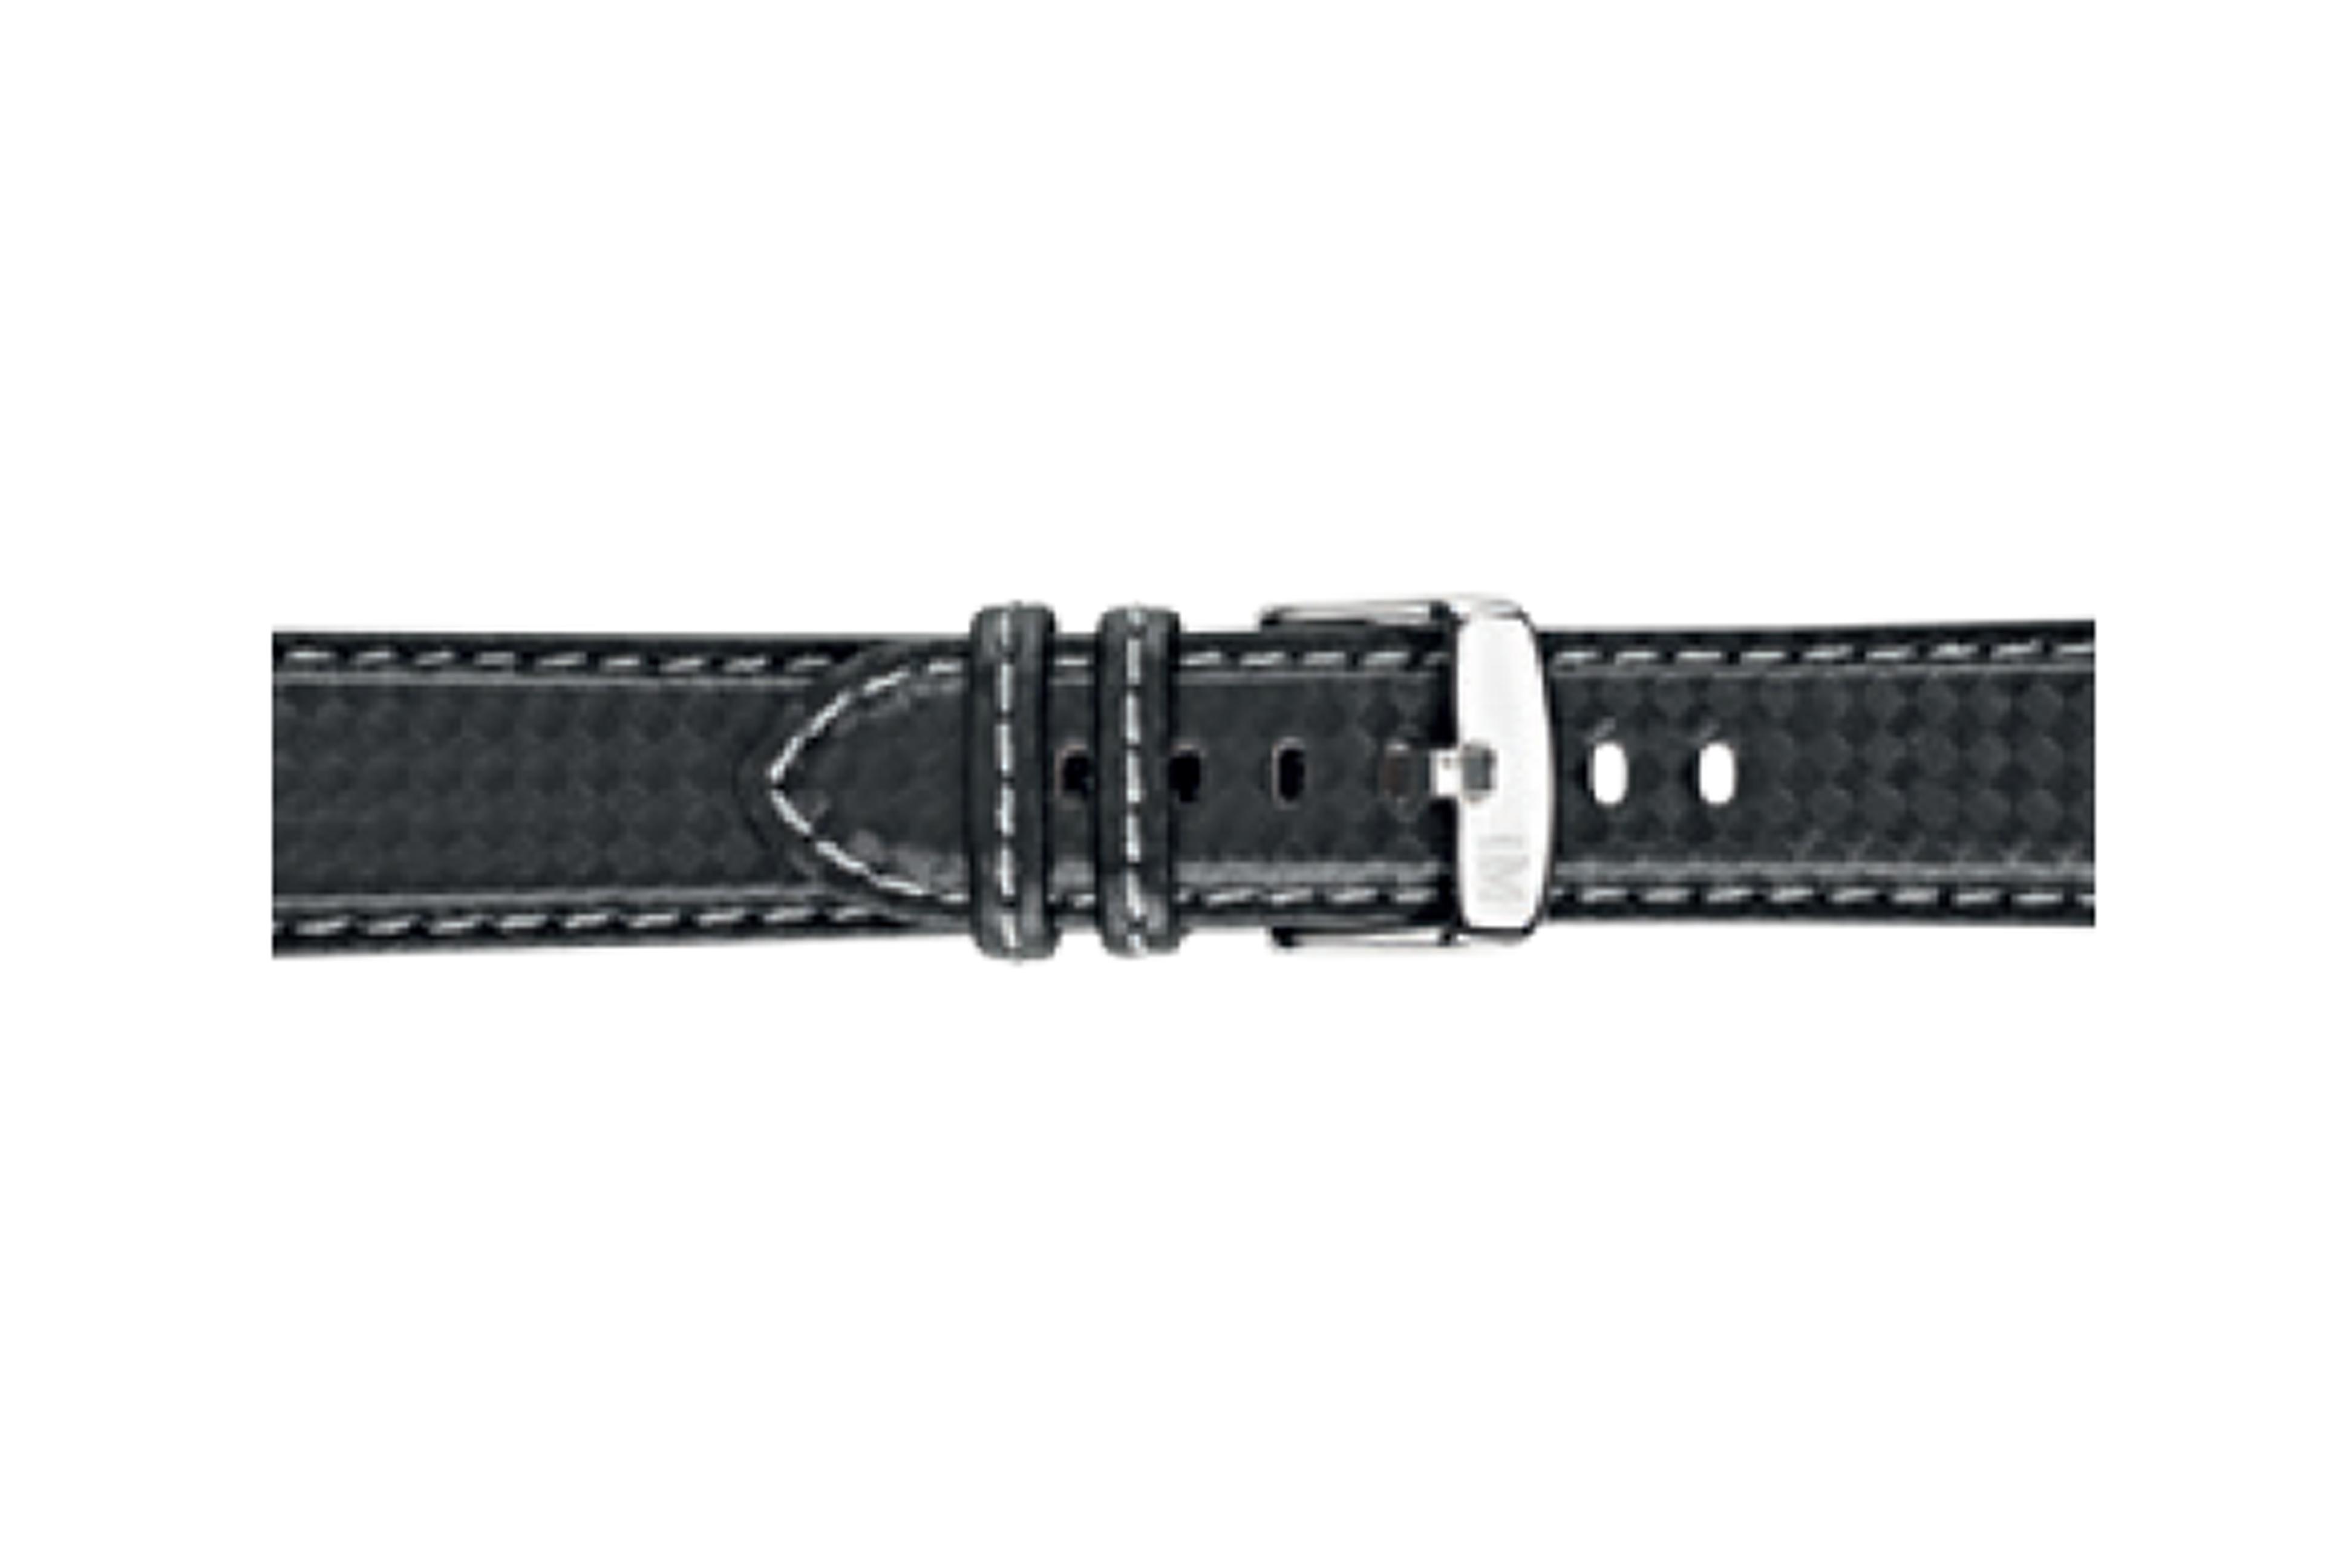 Morellato horlogeband Biking U3586977891CR24 / PMU891BIKING24 Carbon Zwart 24mm + grijs stiksel